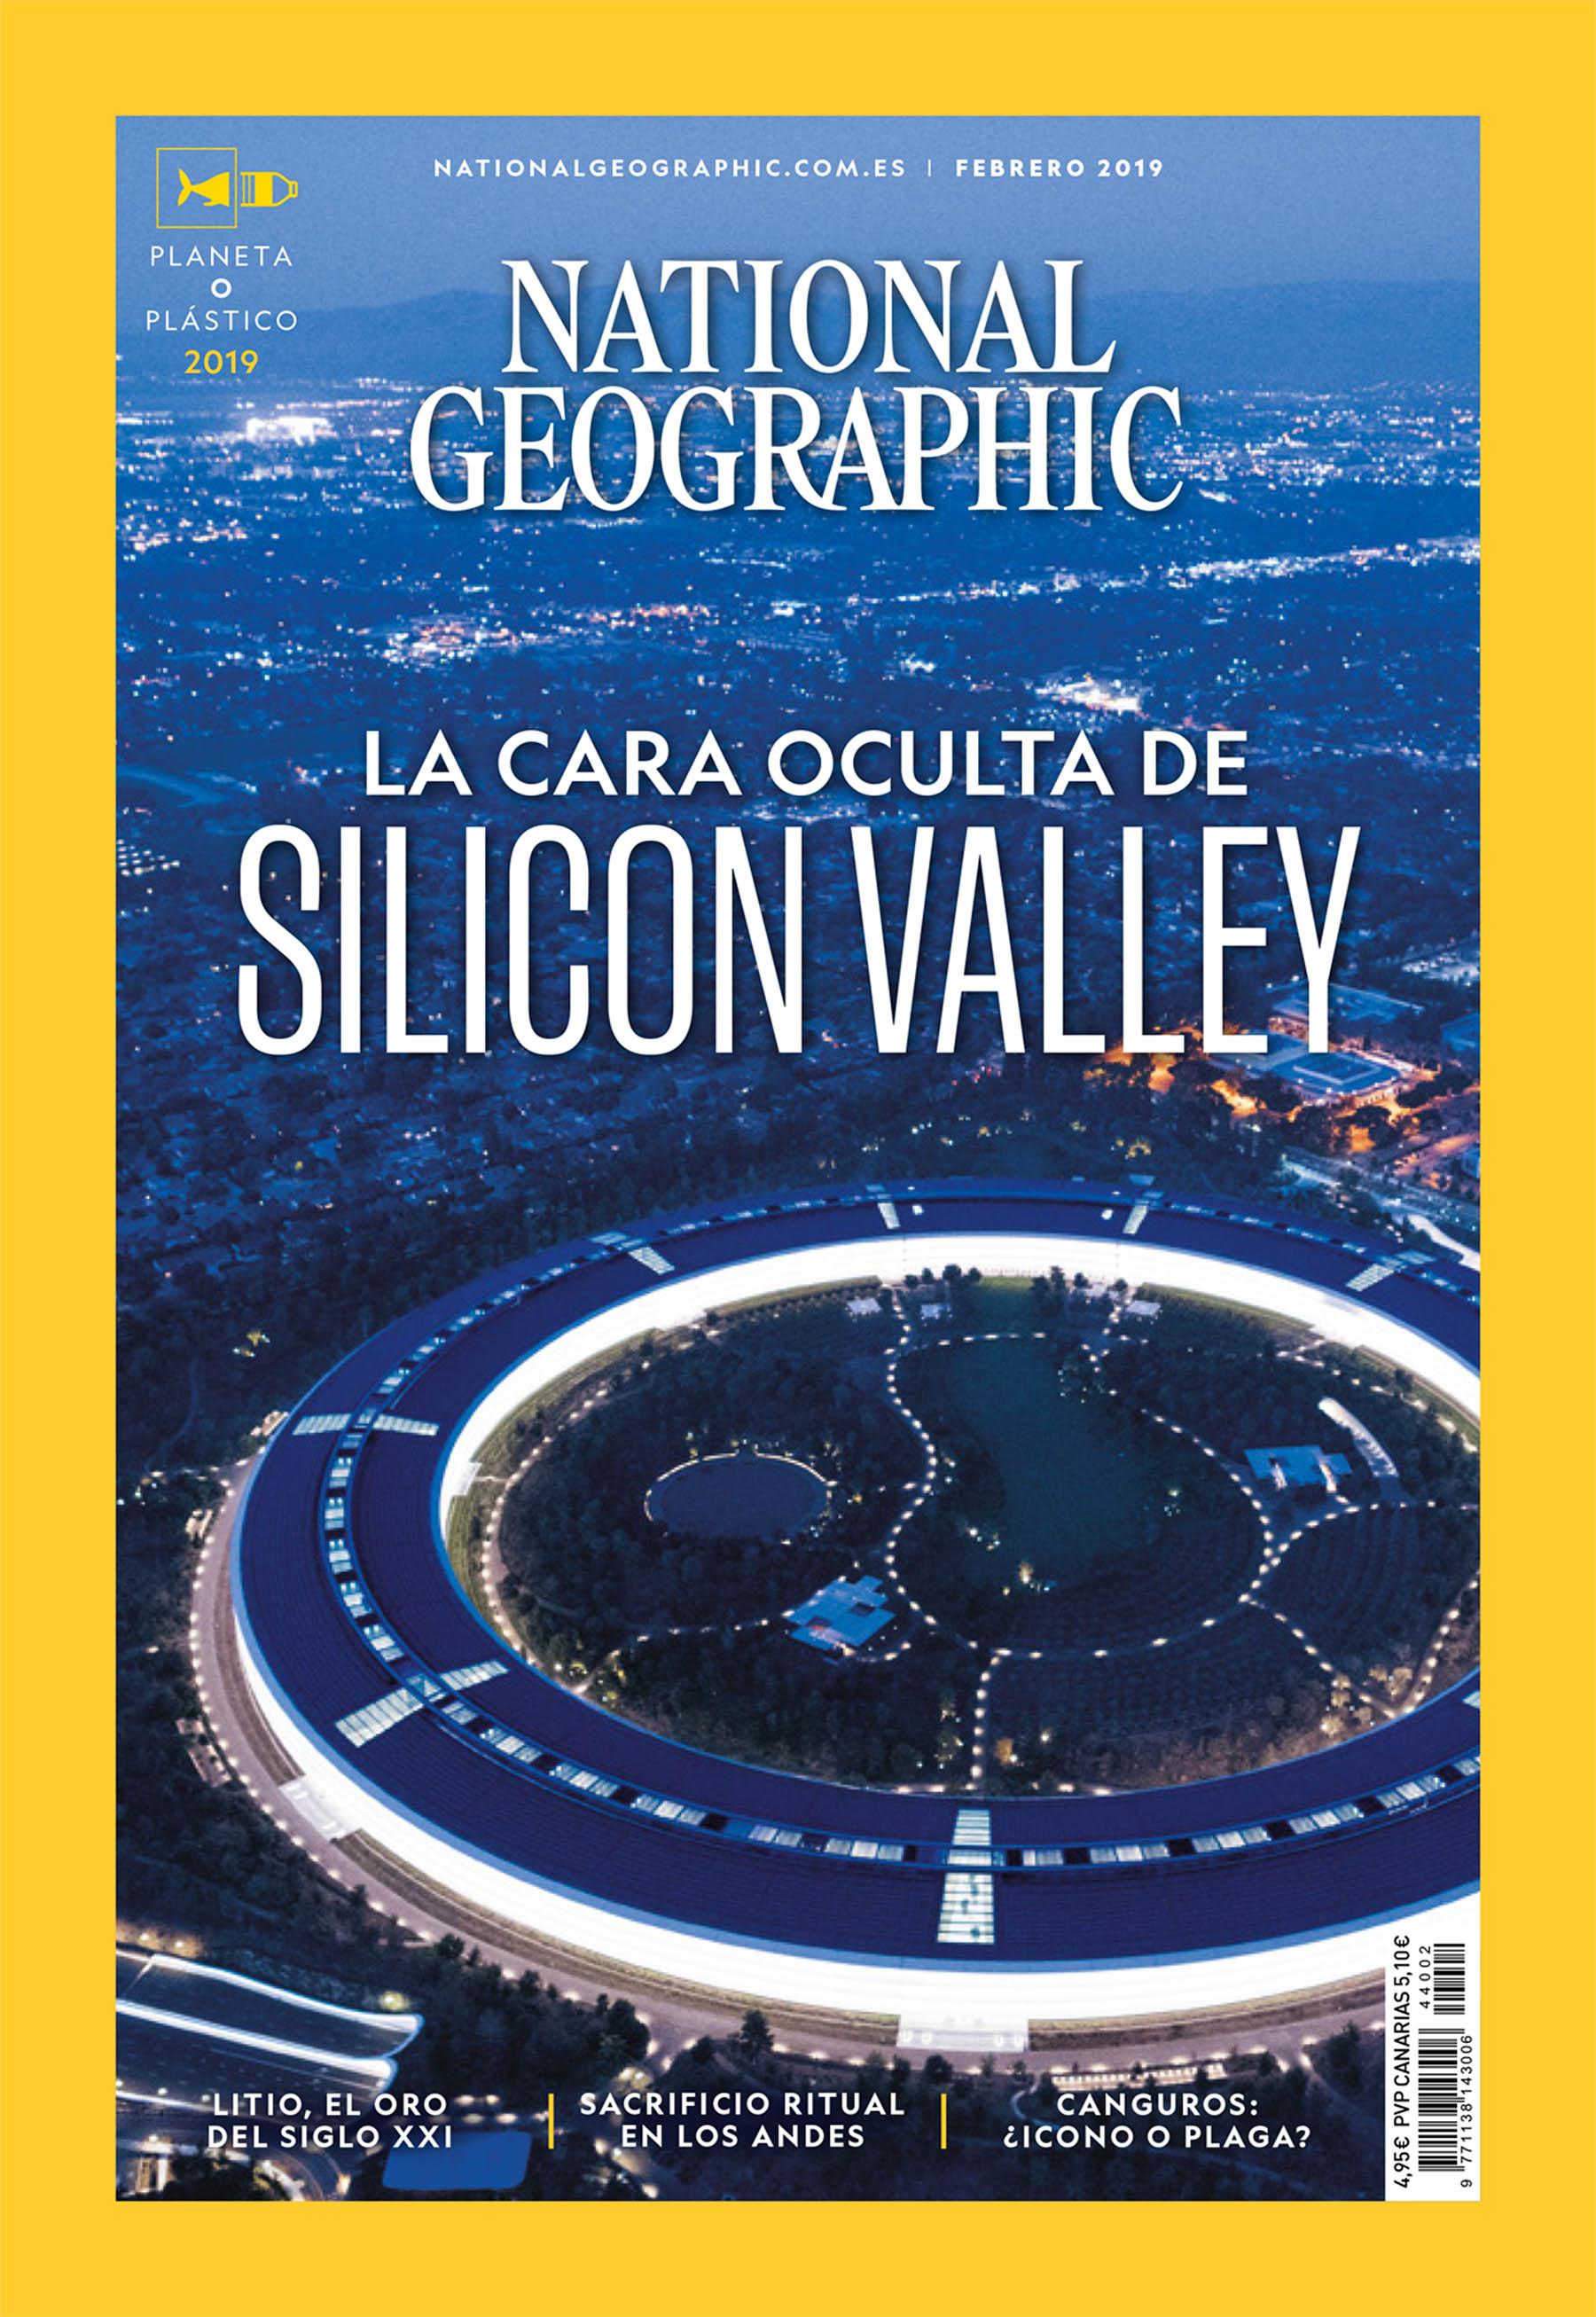 Spain_02 19 Spain Cover.jpg